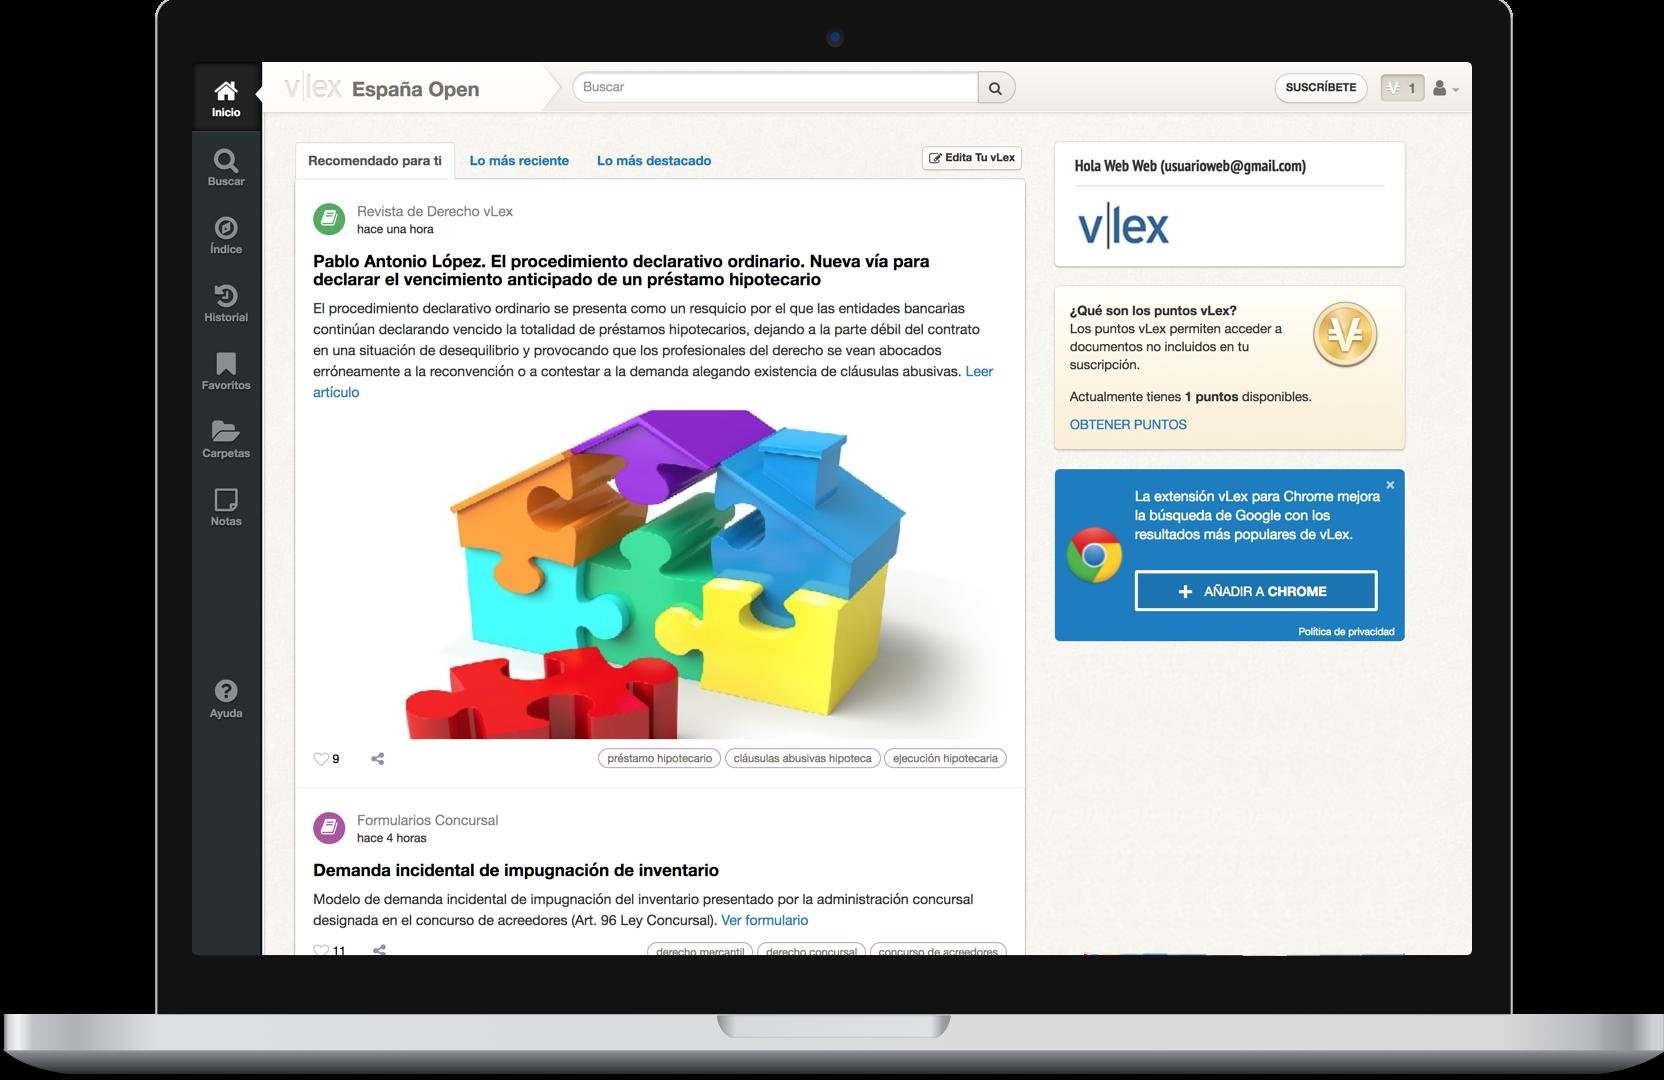 vLex Open España